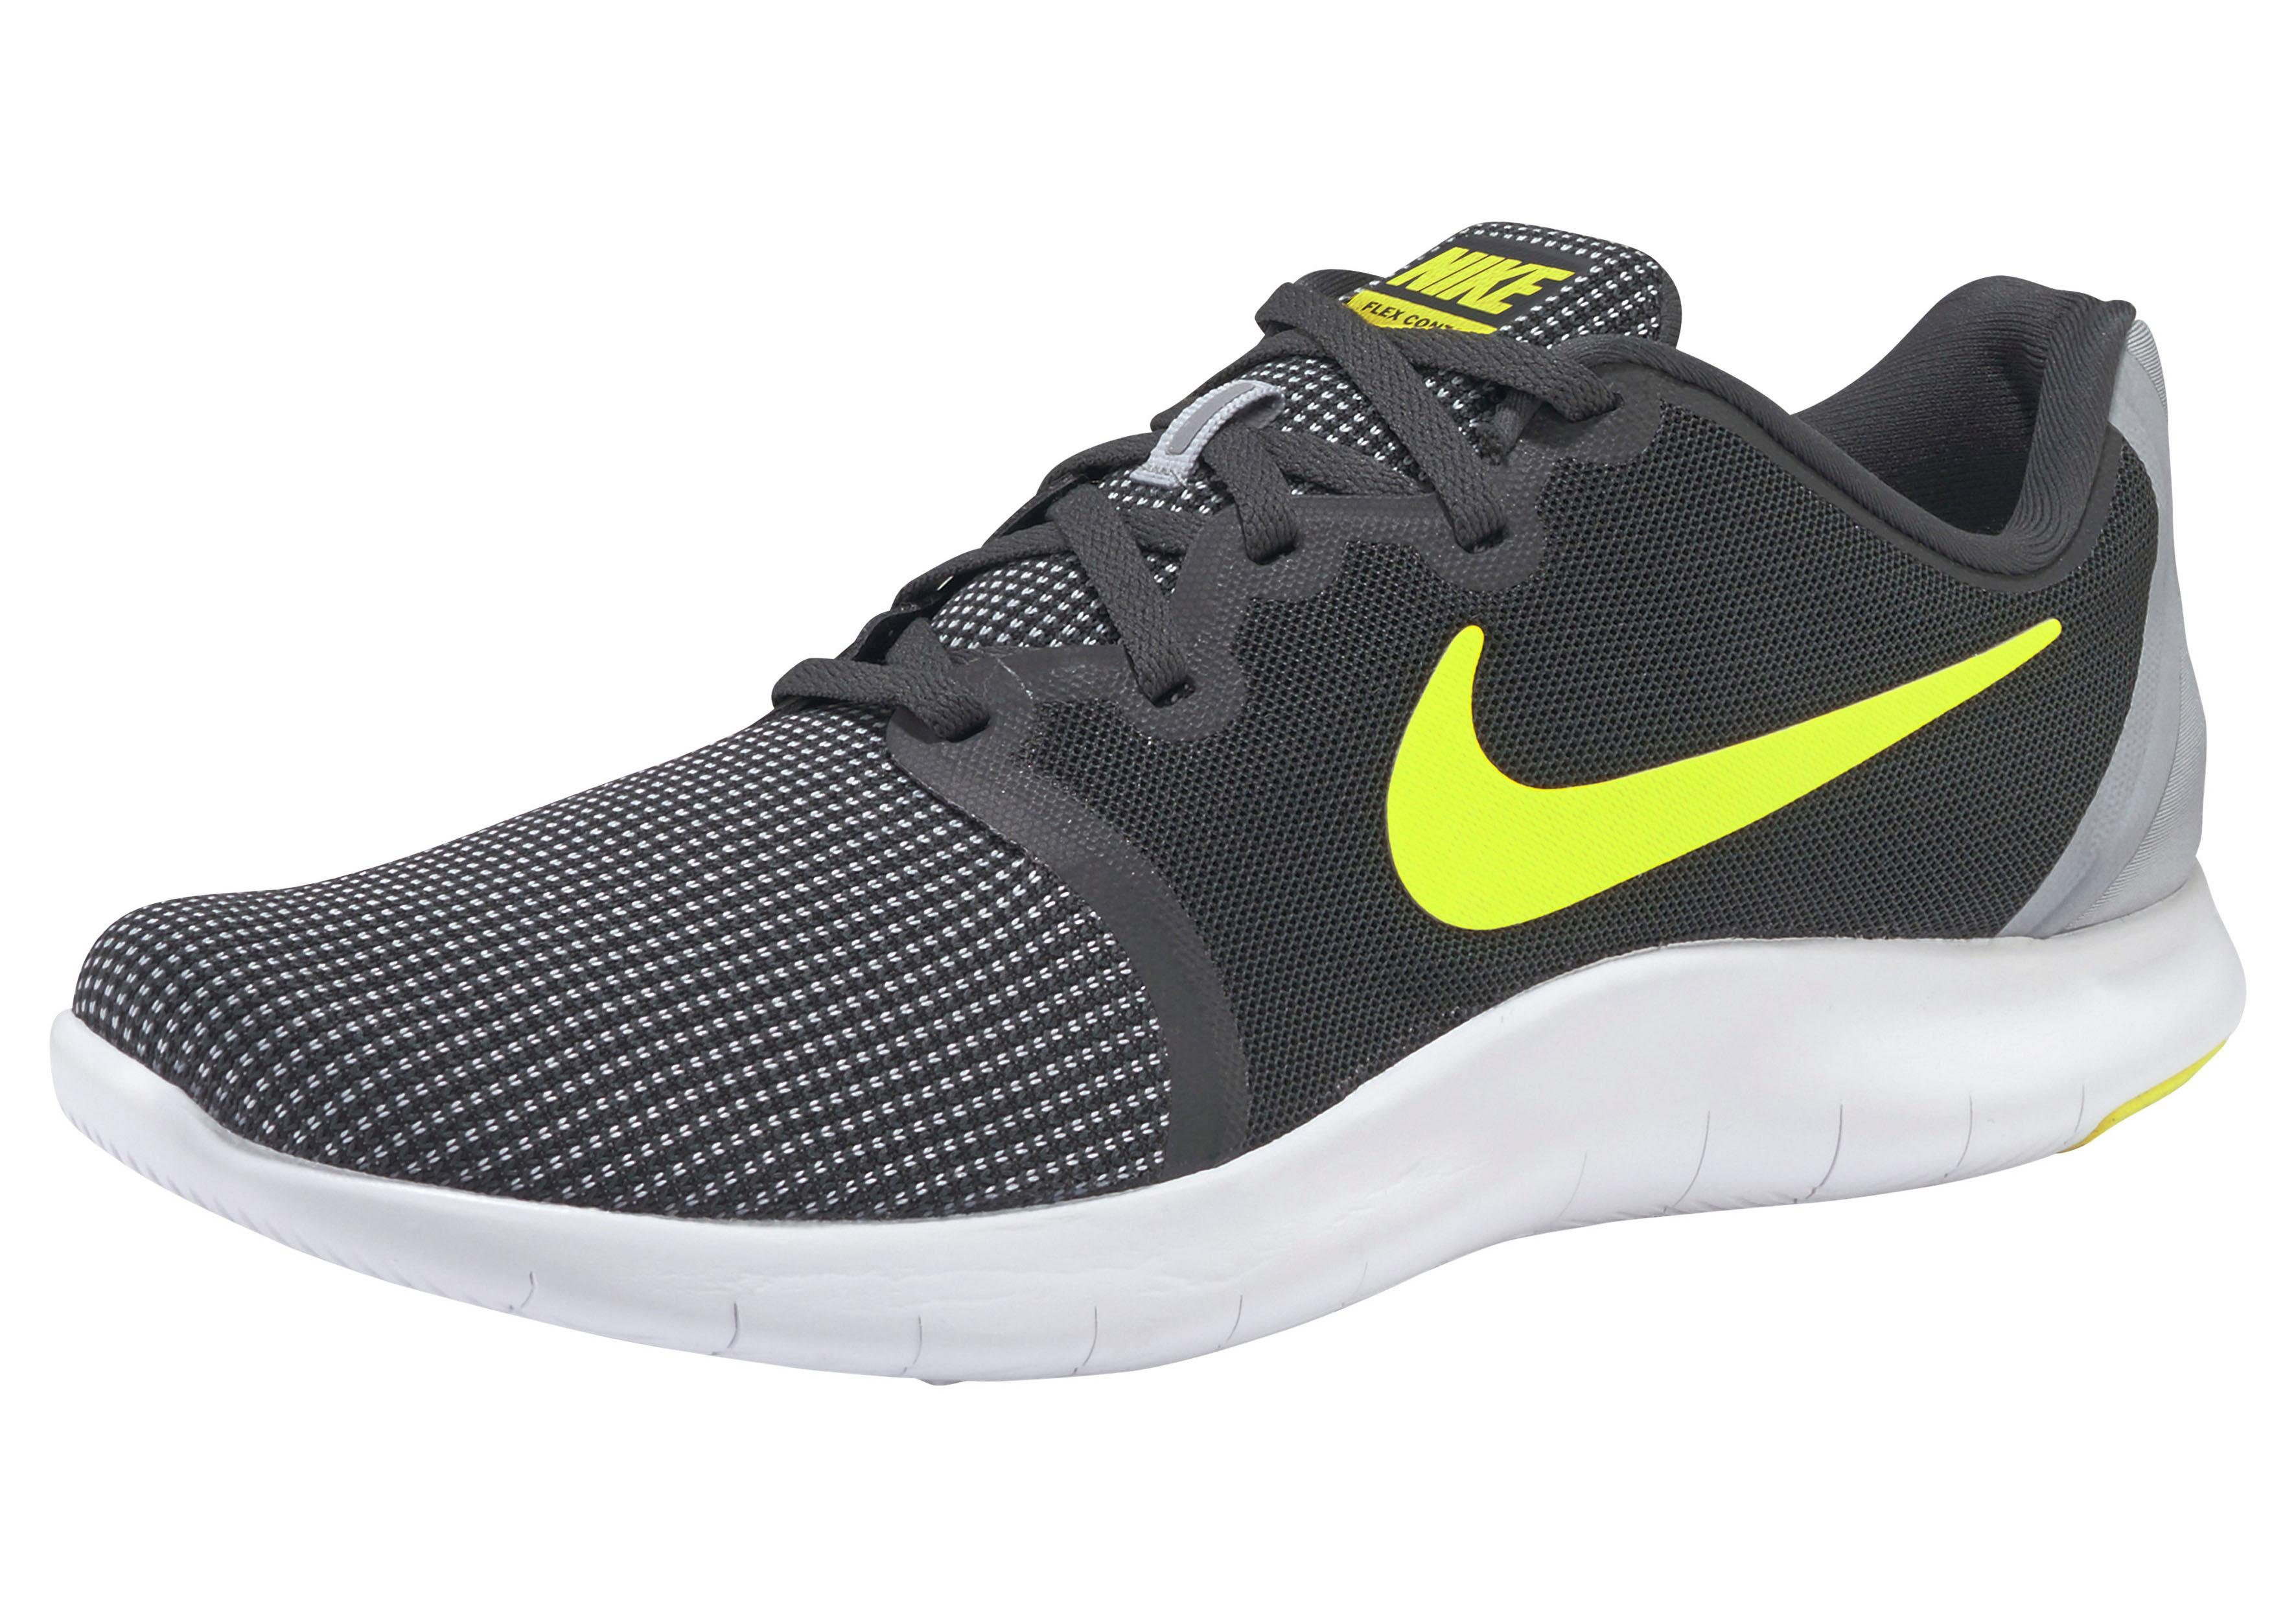 Nike »Flex Contact 2« Laufschuh, Leichter Laufschuh von Nike online kaufen | OTTO